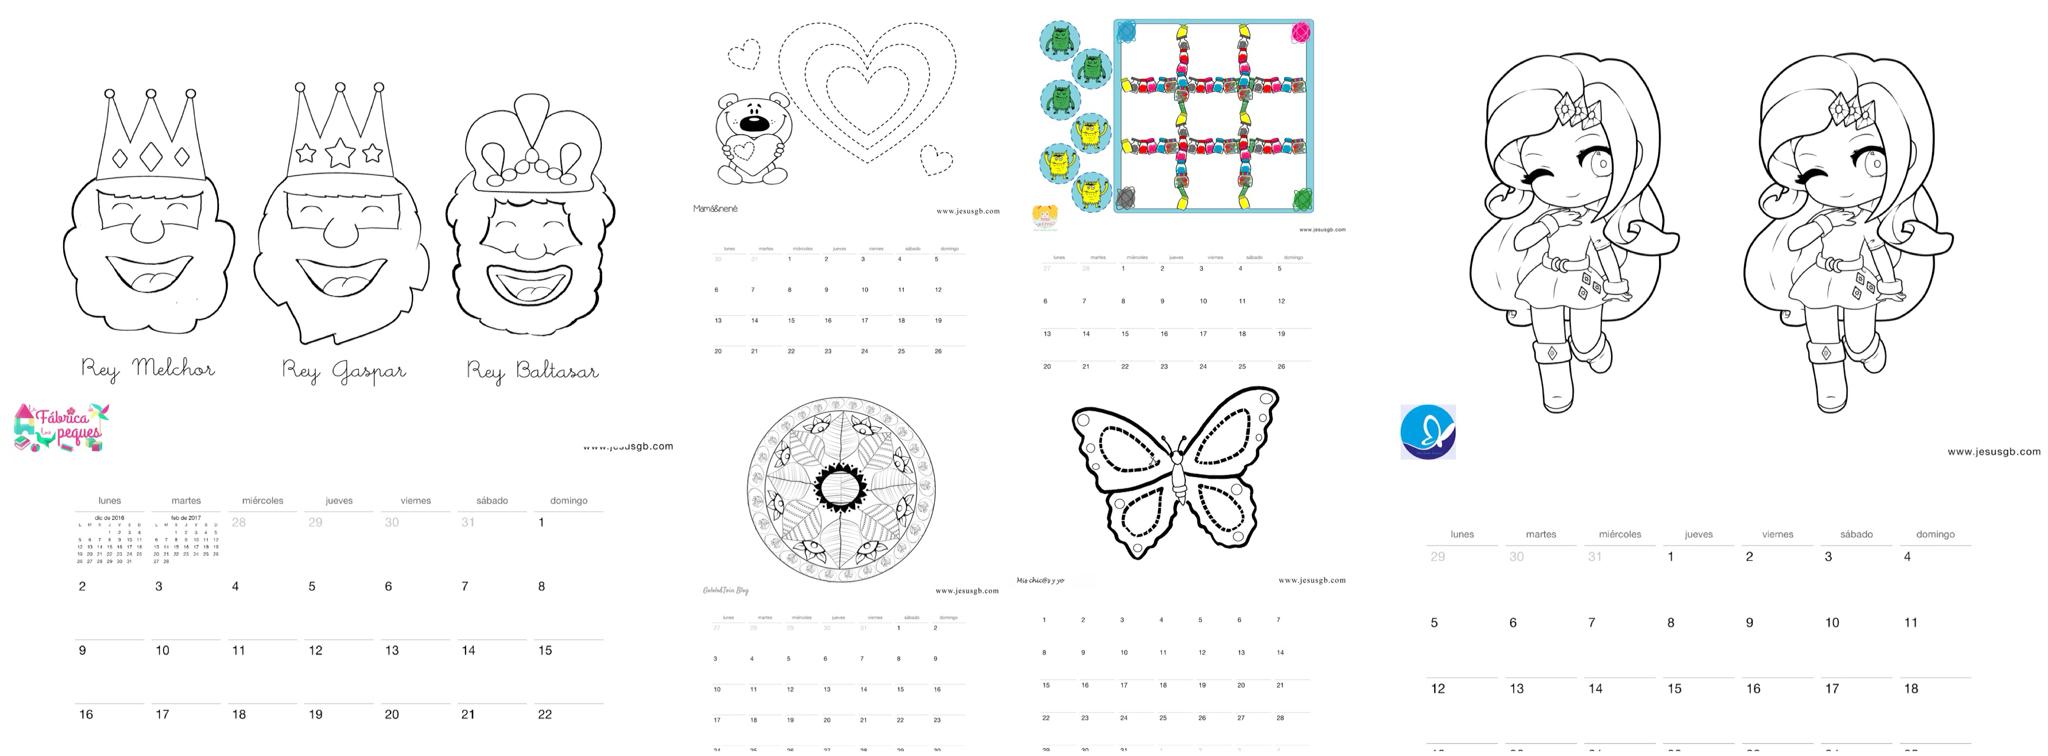 Calendario 2017 con actividades infantiles | Gololo y Toin: blog de ...